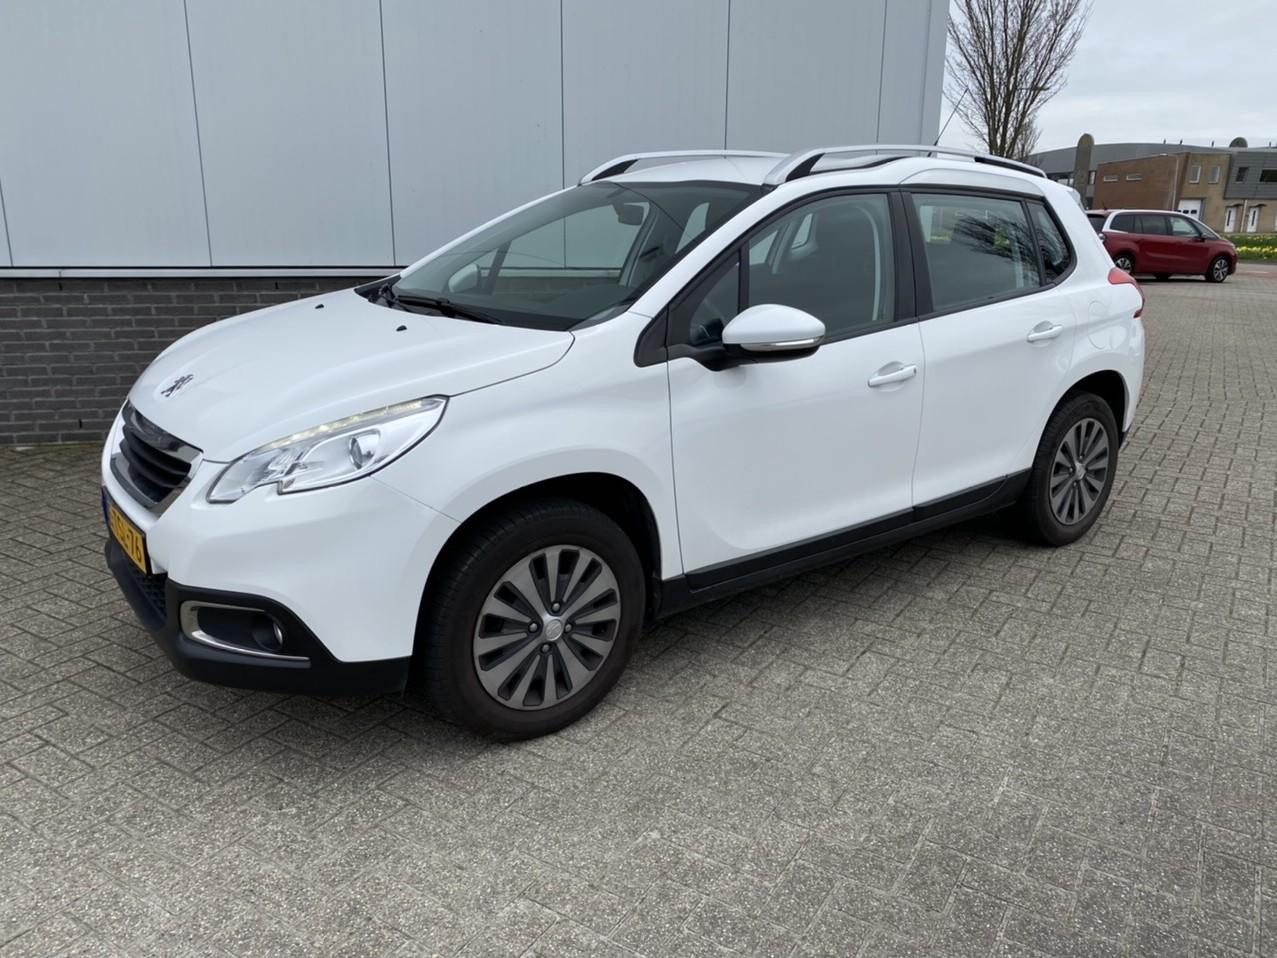 Peugeot 2008 82pk automaat active rijklaar prijs